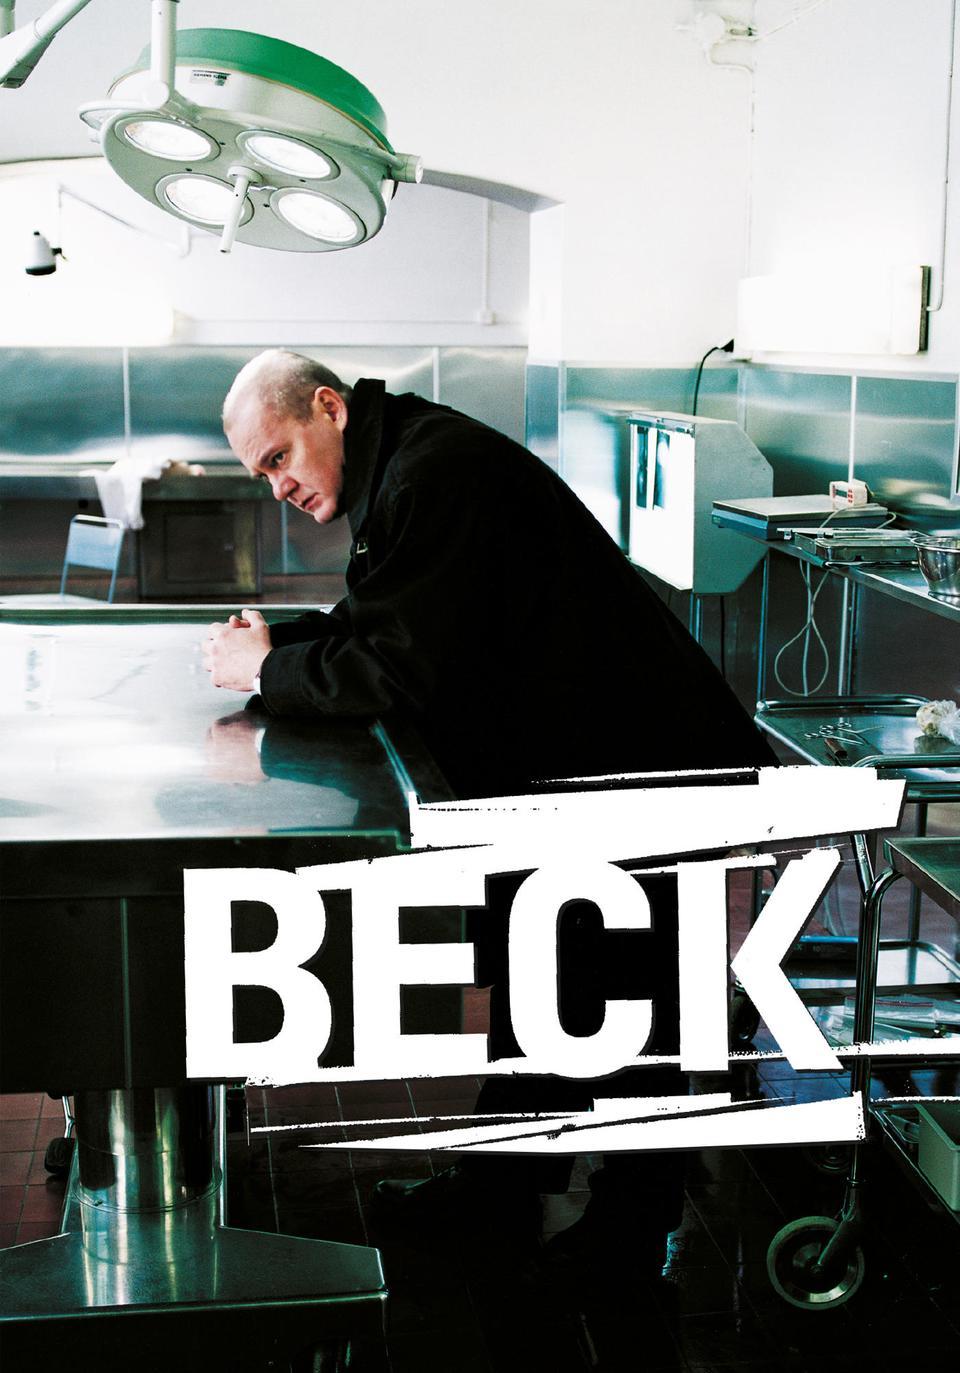 Katsomo Beck